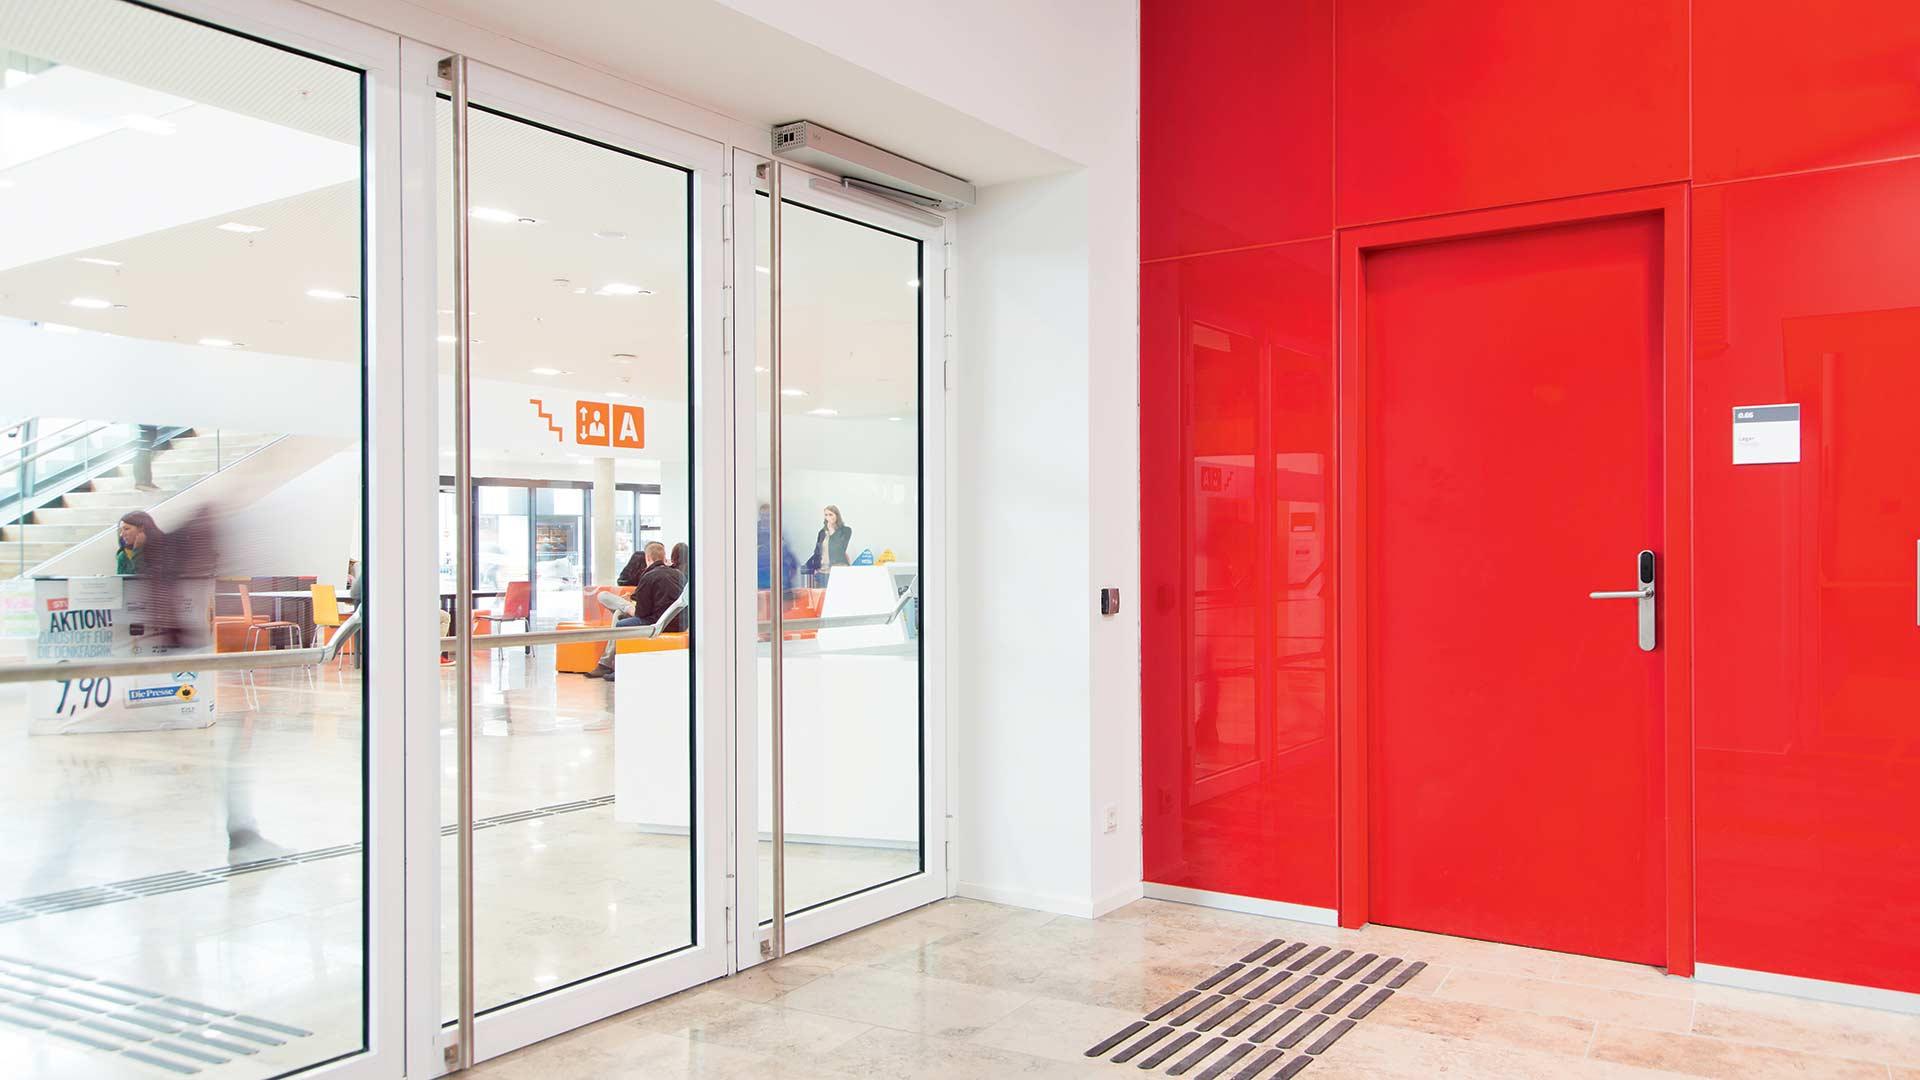 realizace ocelové zárubně a dveře společnosti HSE, spol. s r.o.